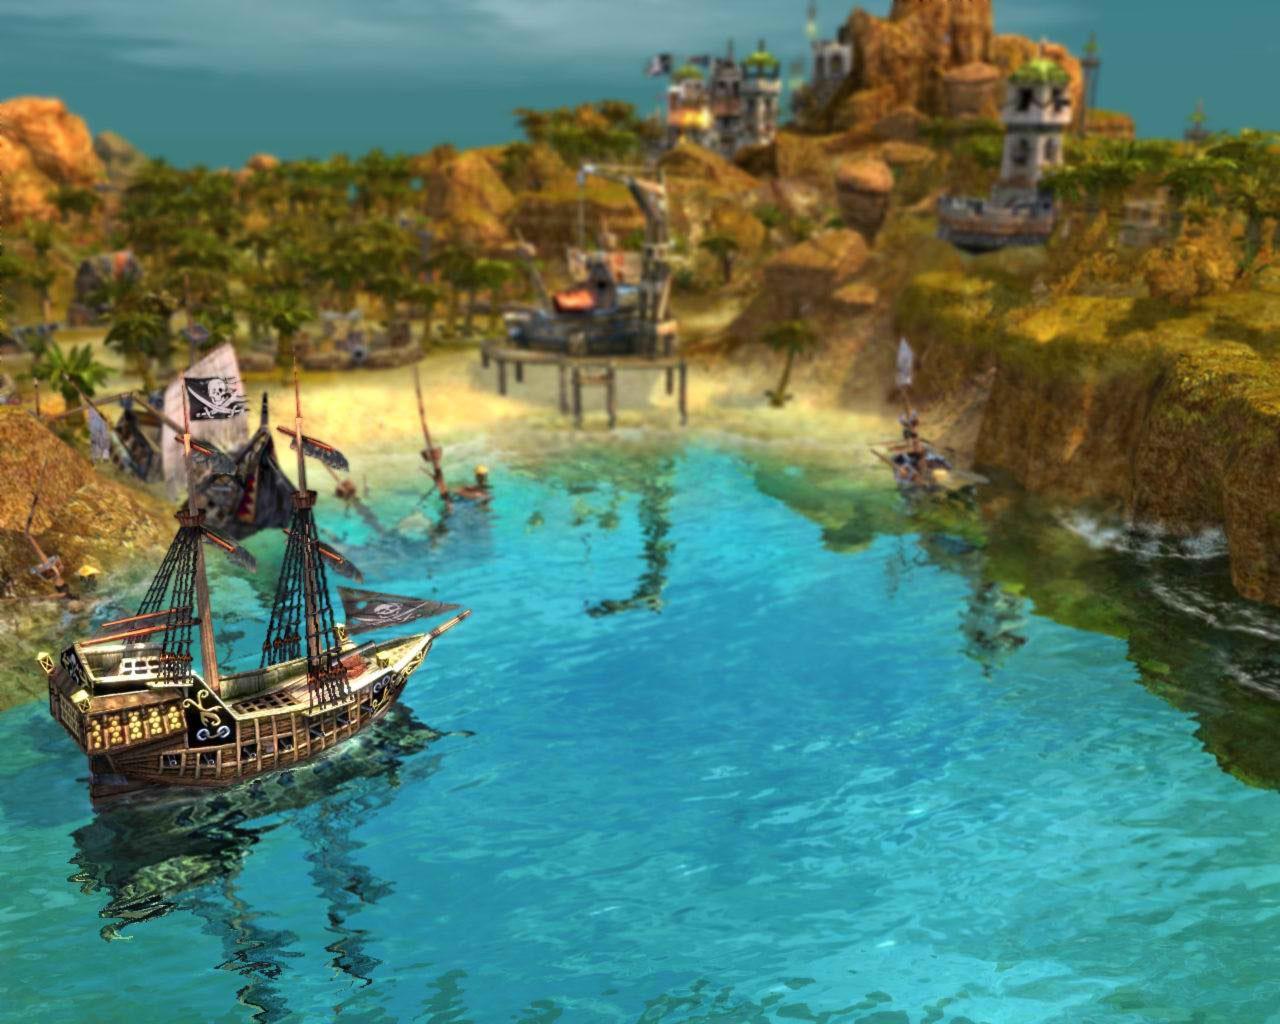 piraten pc game